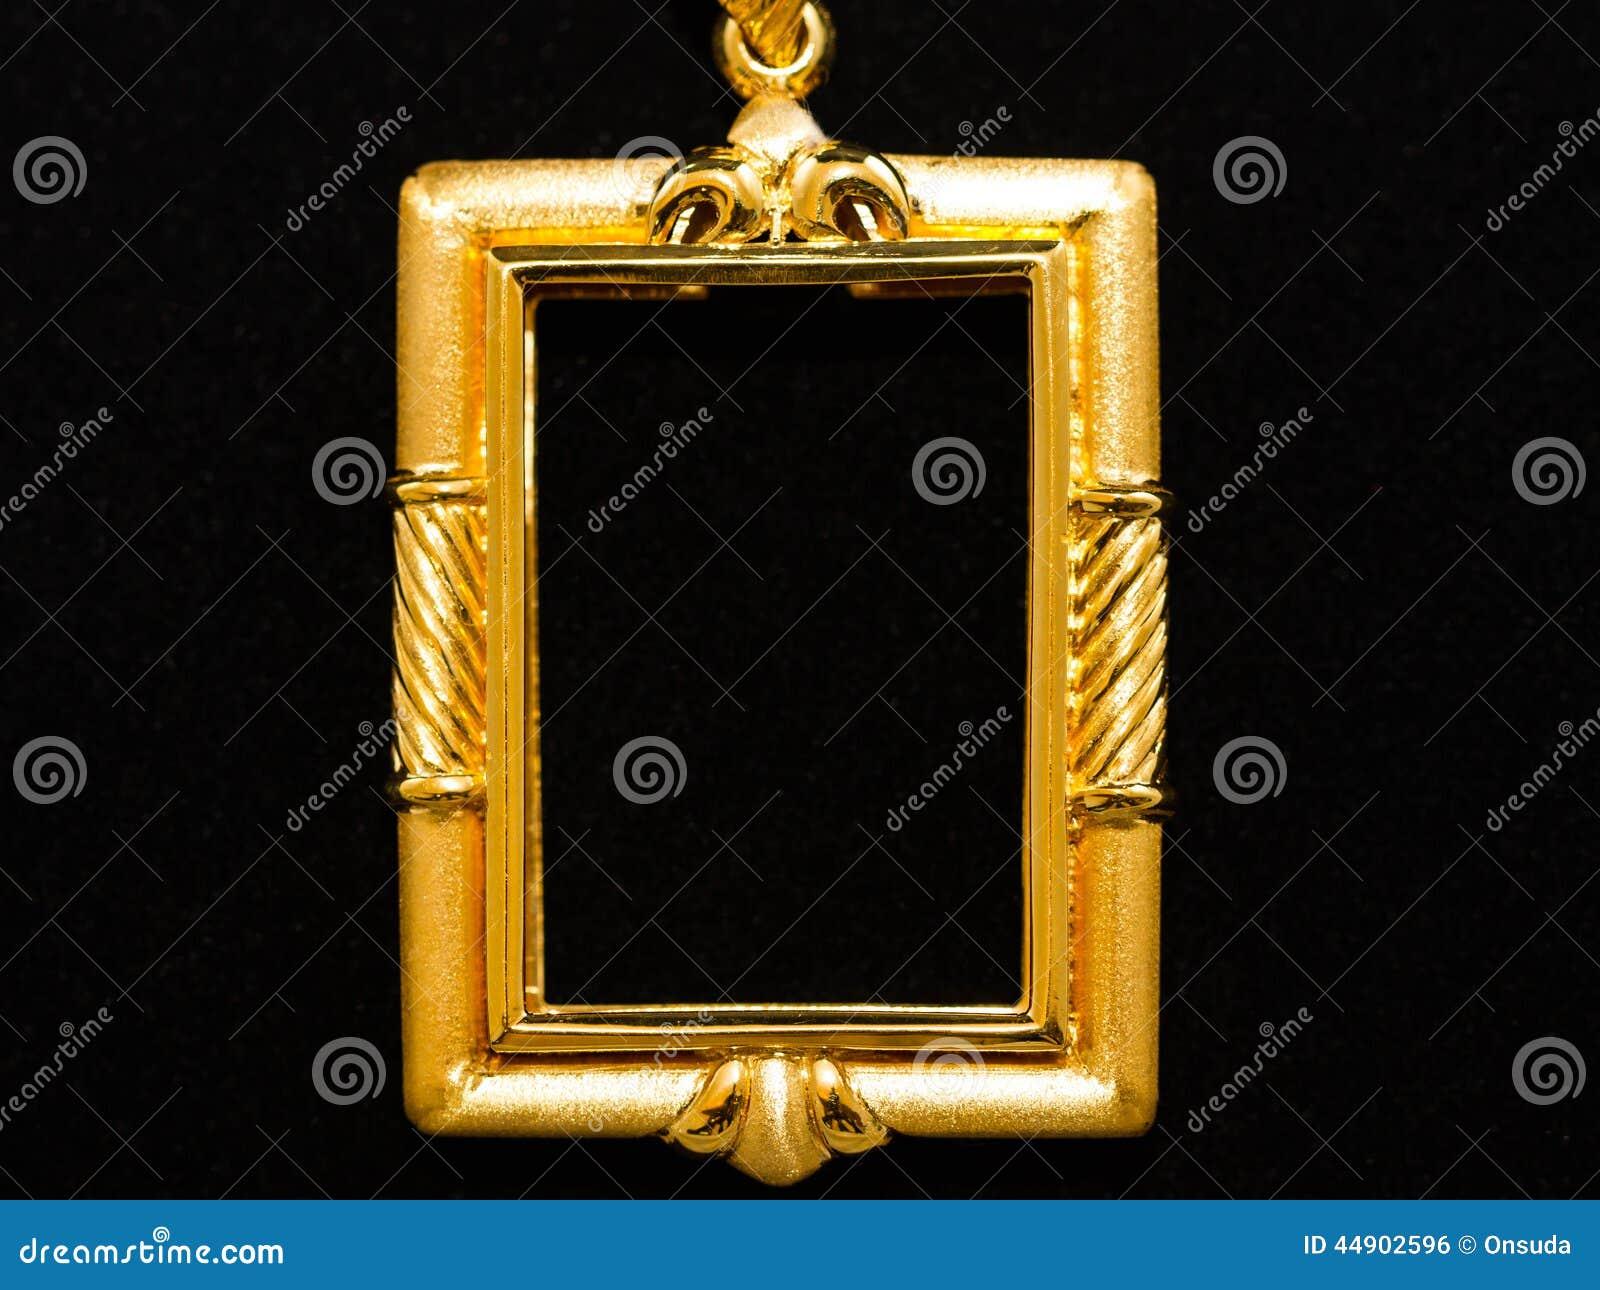 Gold locket frame pendant stock photo image of enchase 44902596 gold locket frame pendant aloadofball Gallery